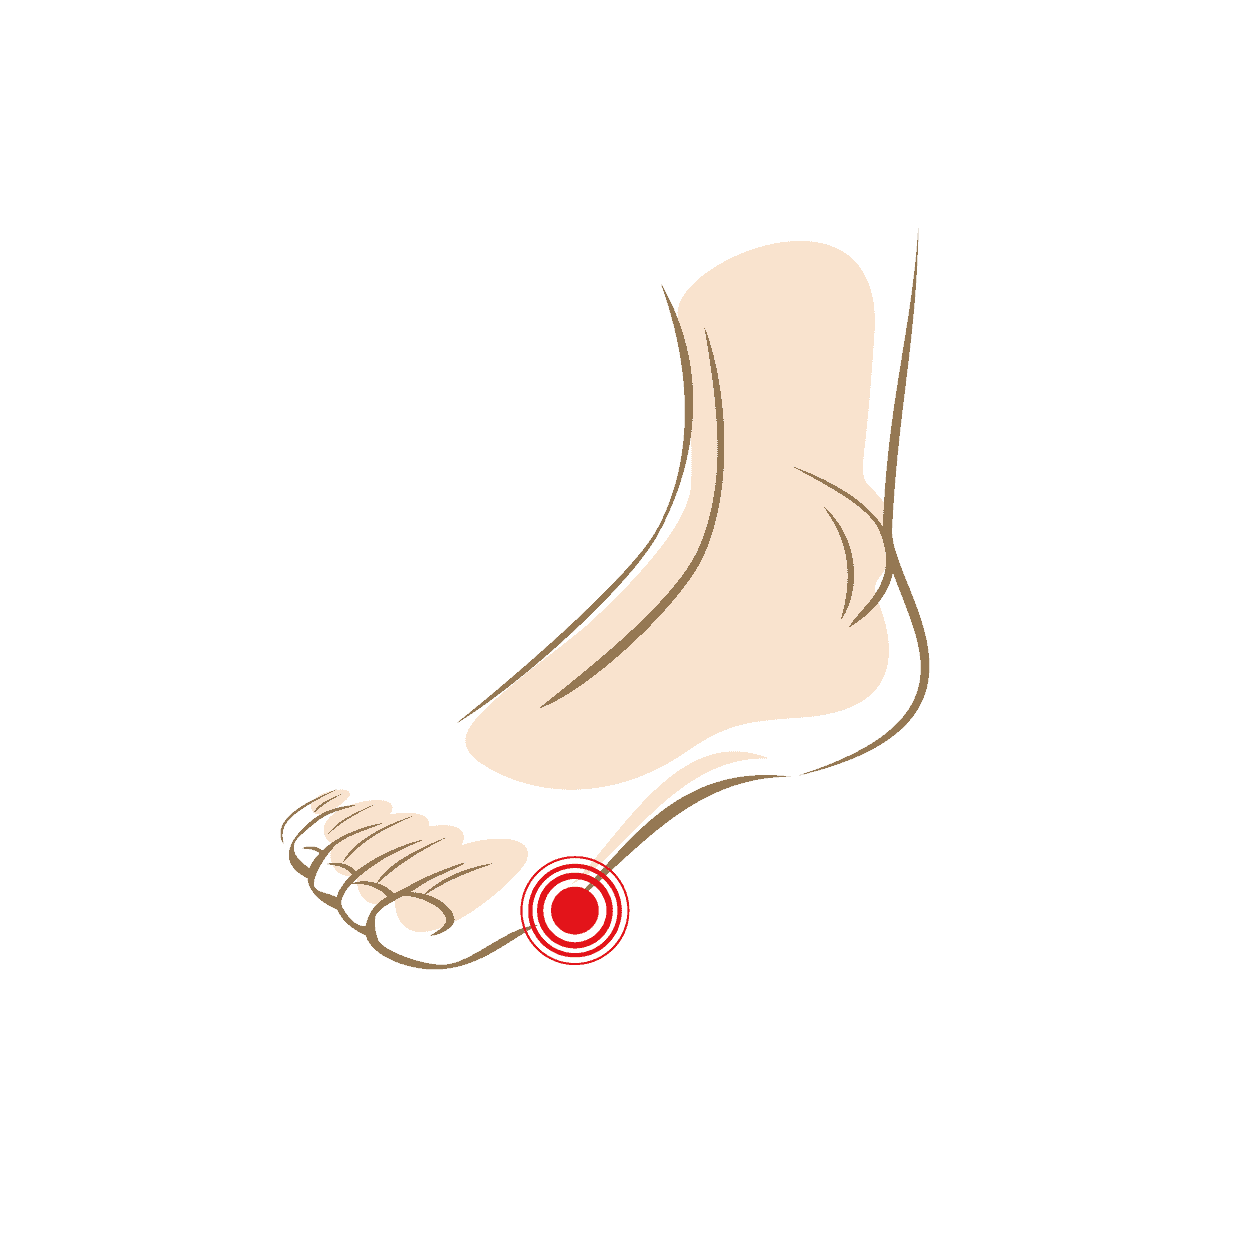 pijn aan de bal van de voet